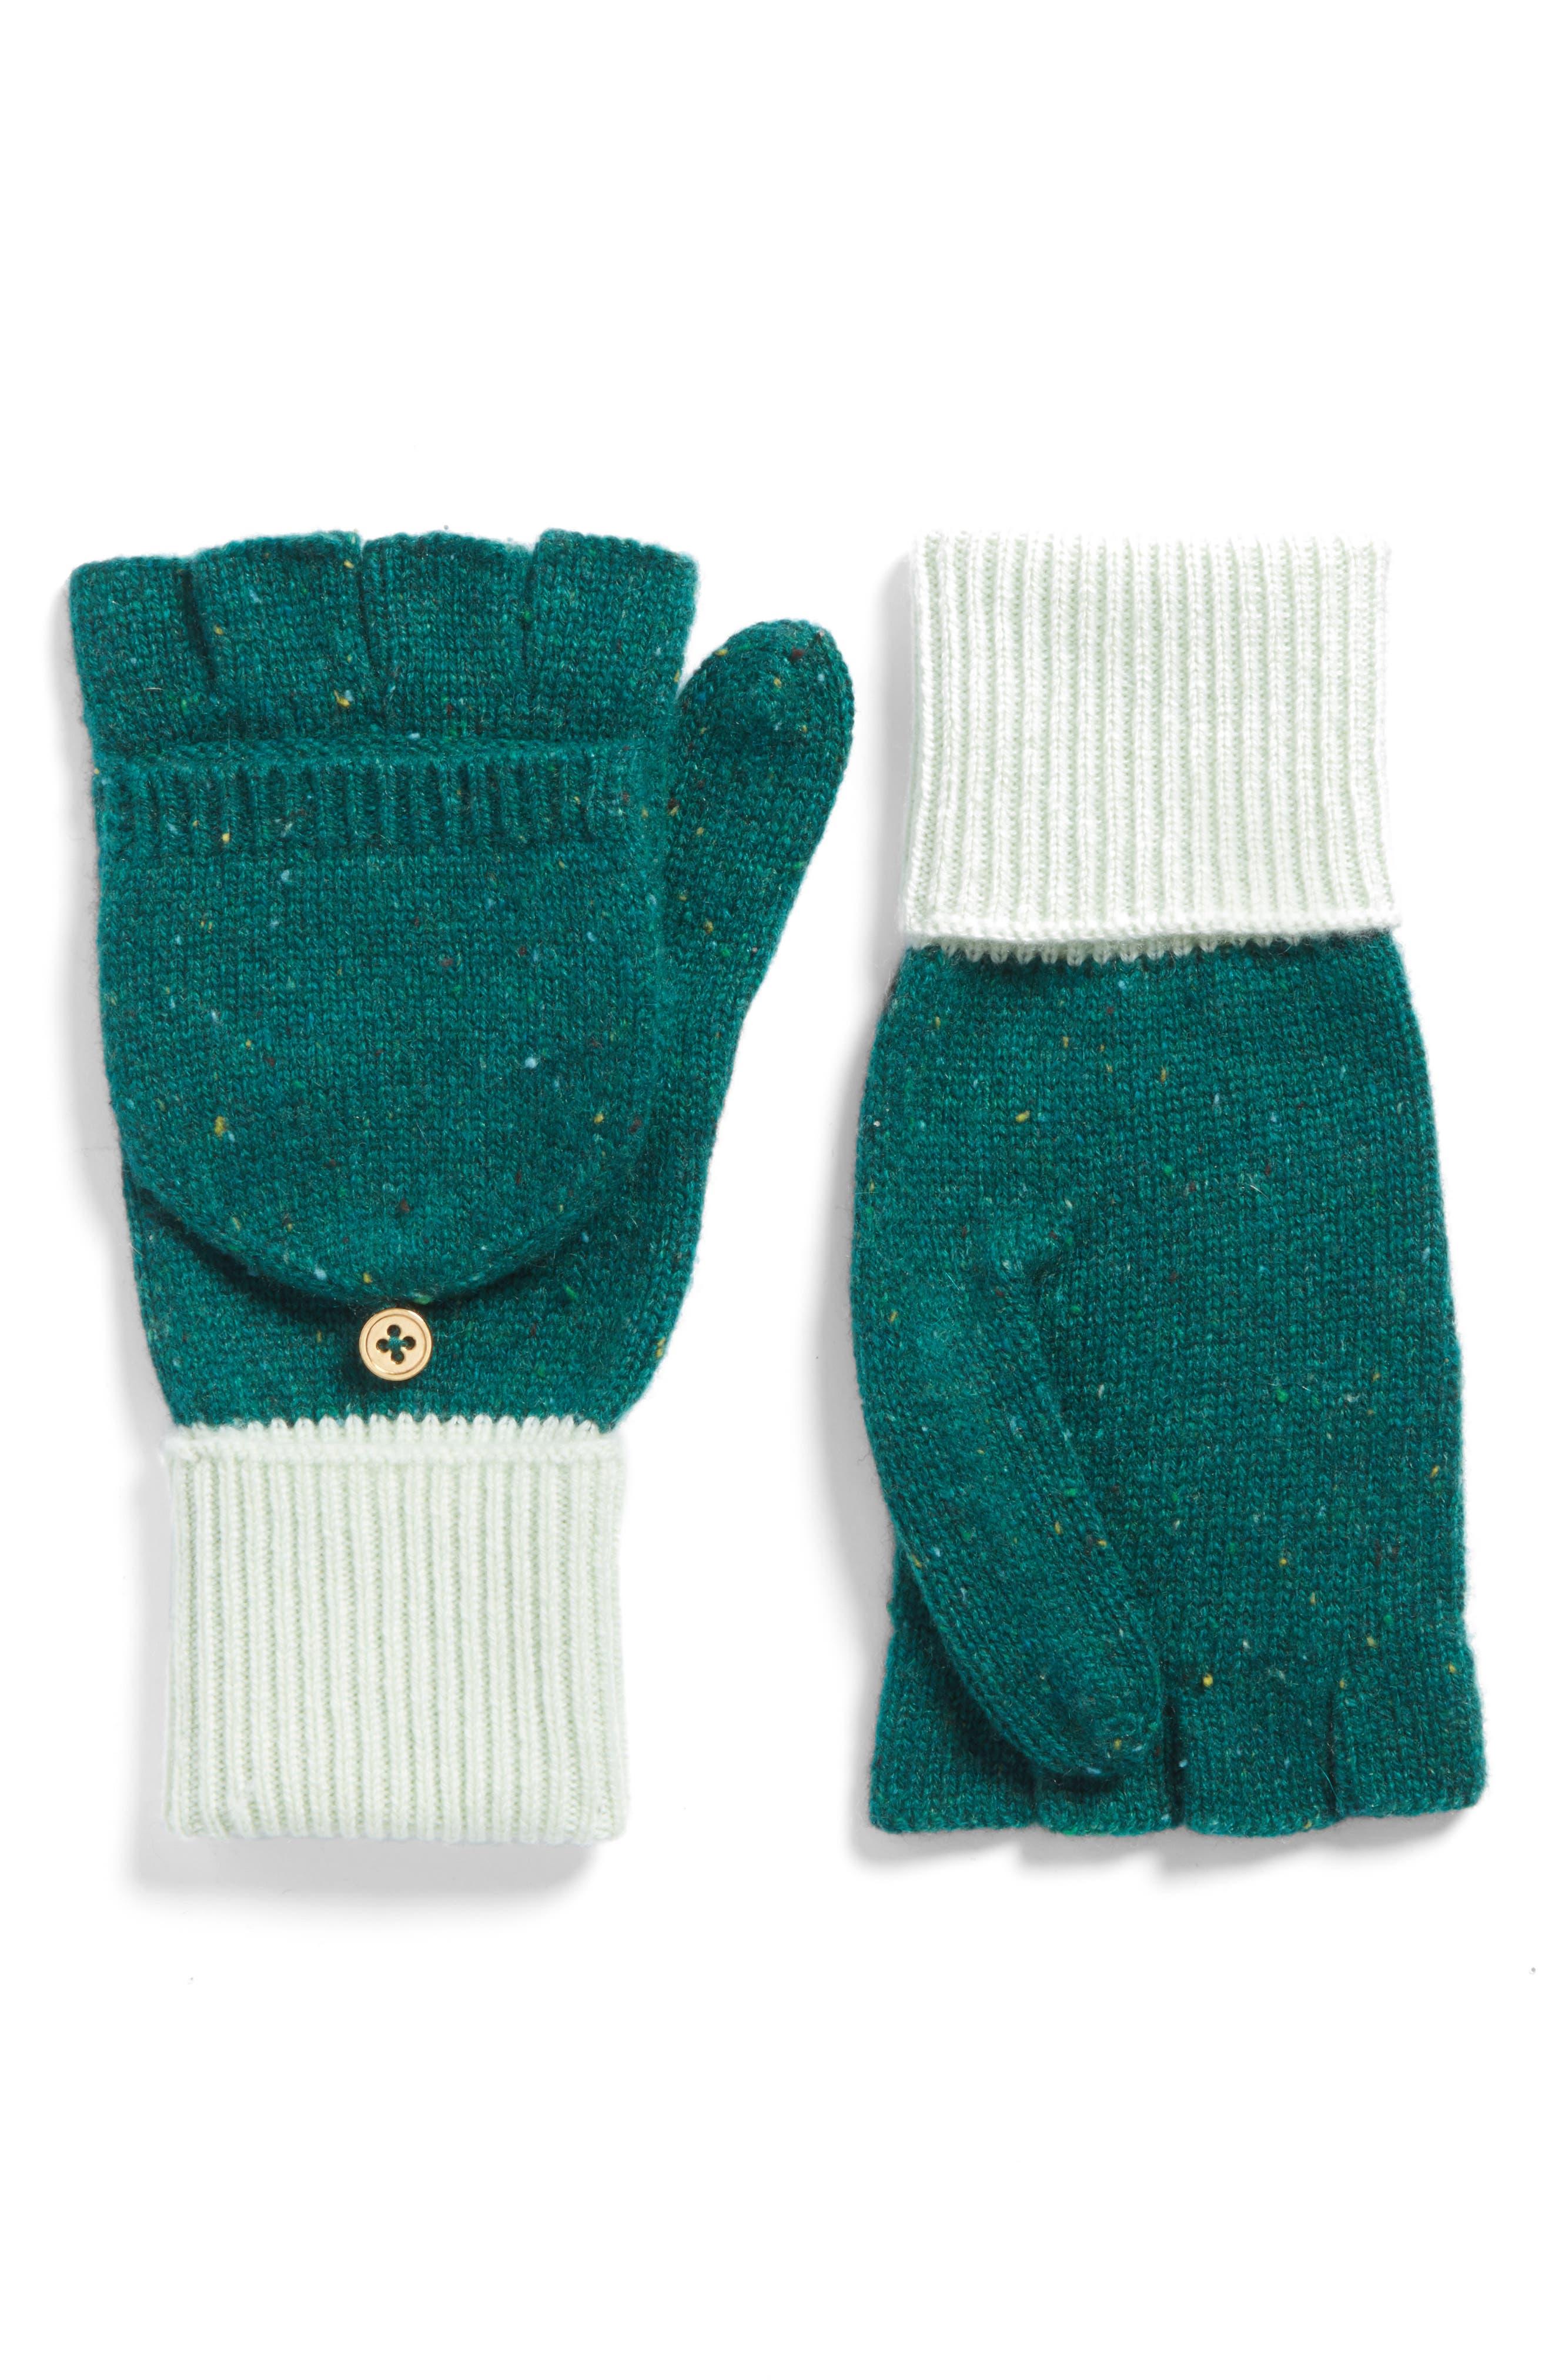 J.Crew Glitten Cashmere Gloves